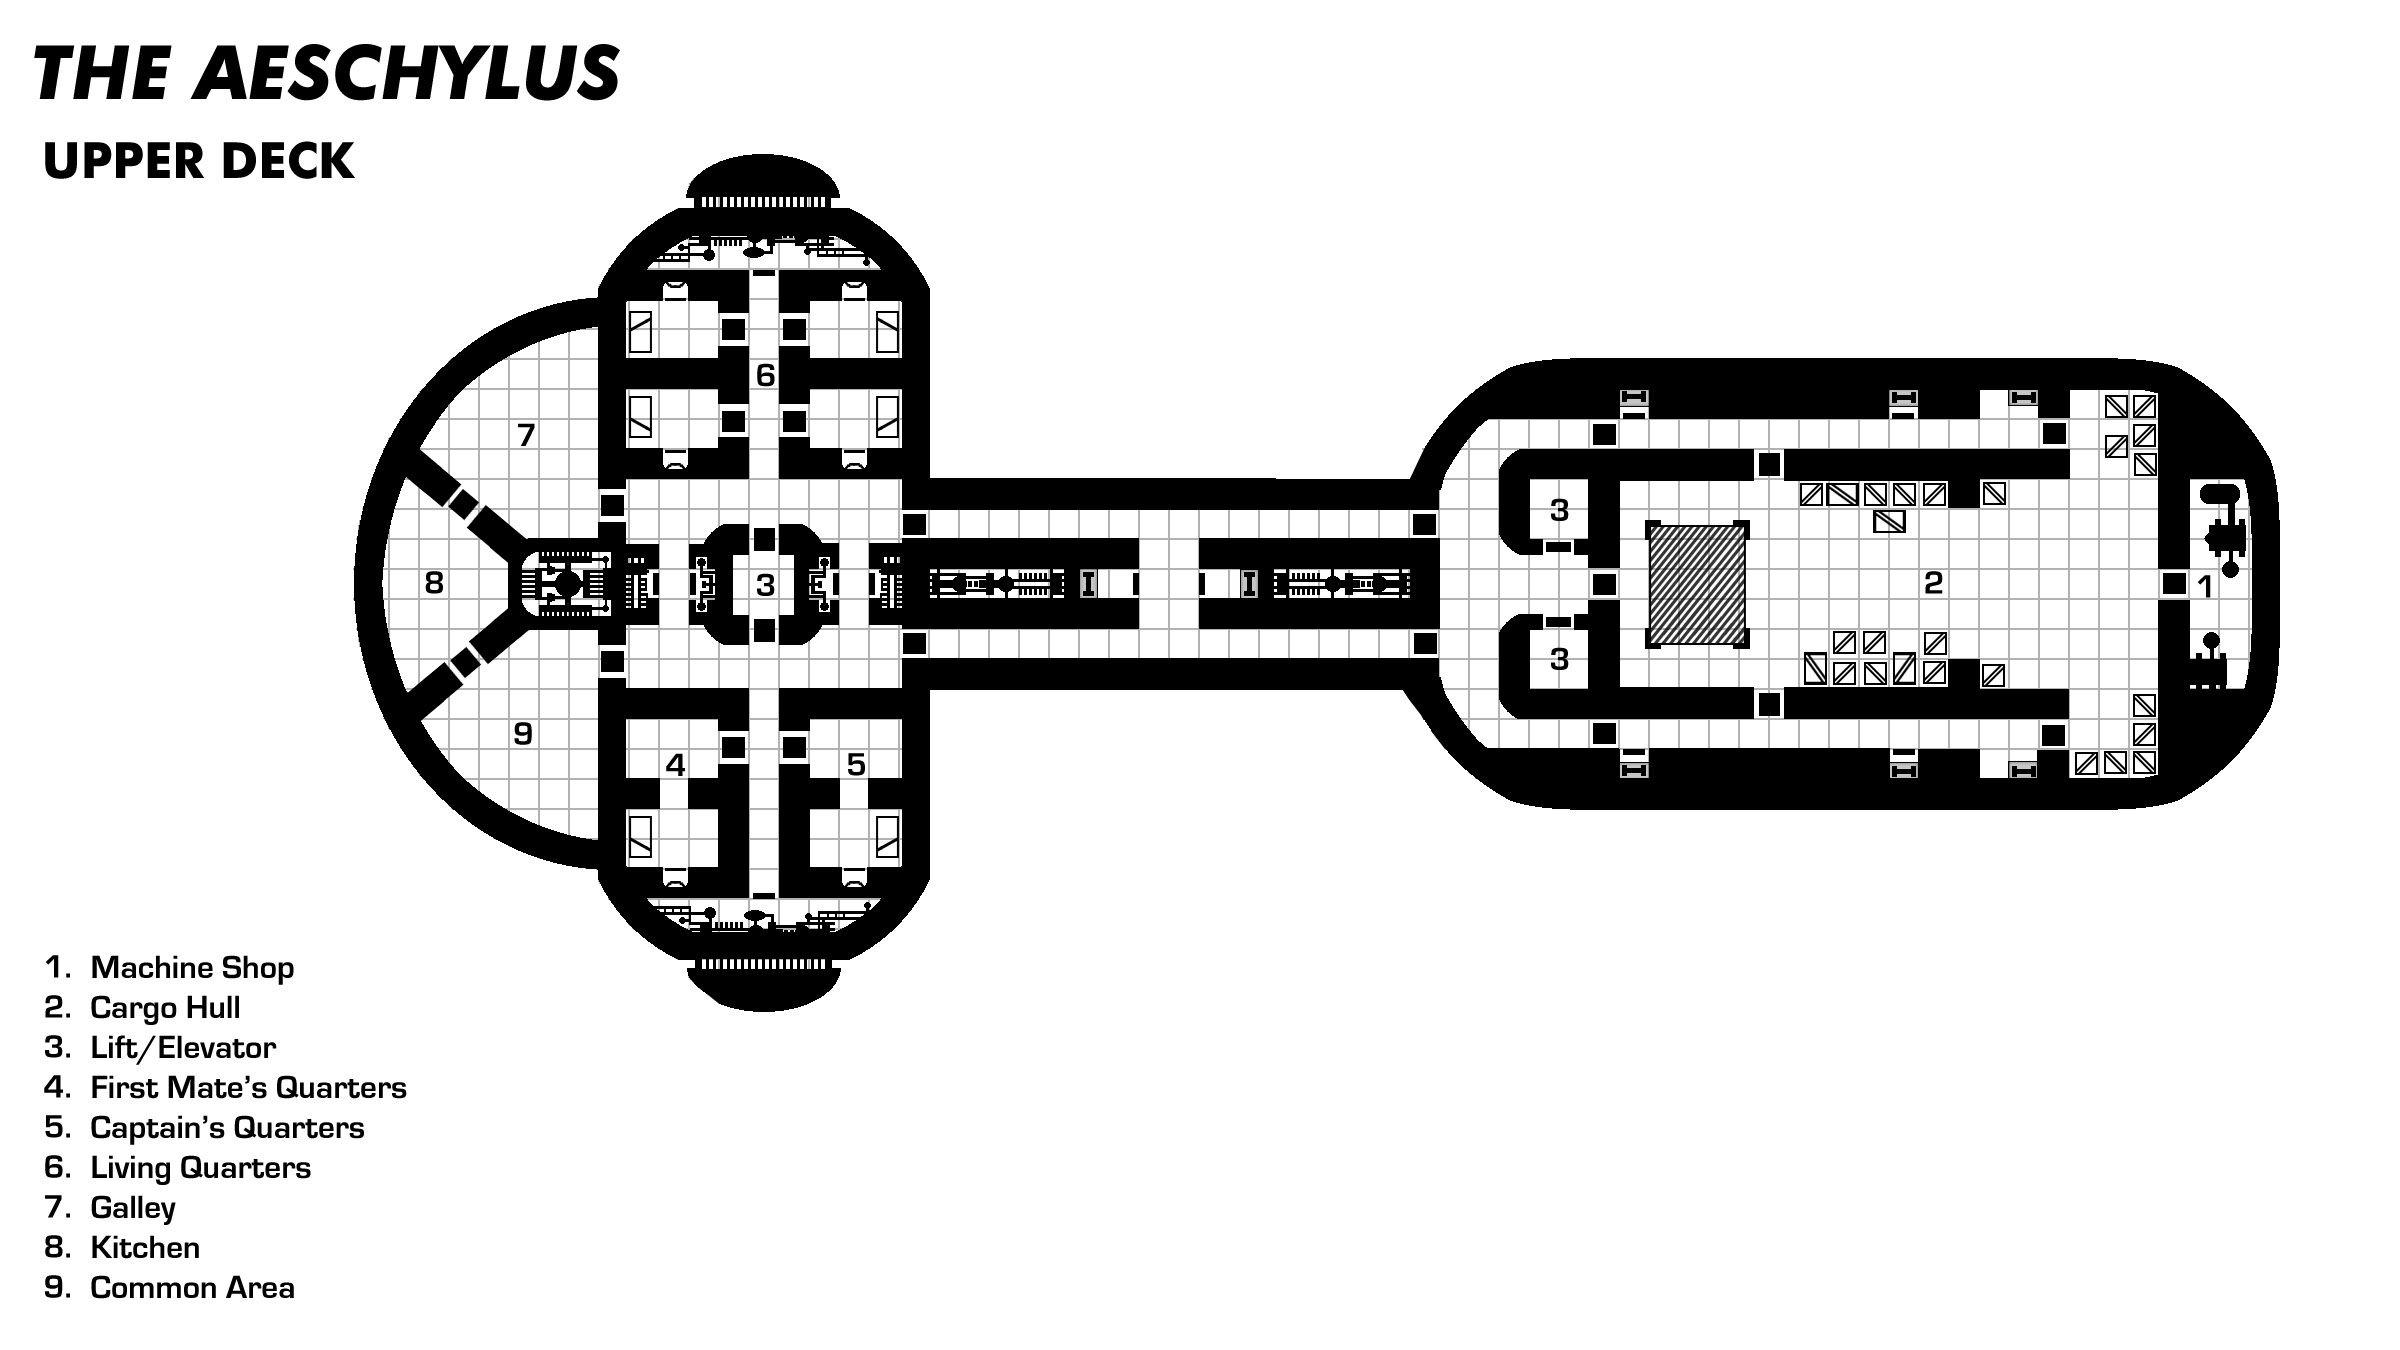 Aeschylus Upperdeck